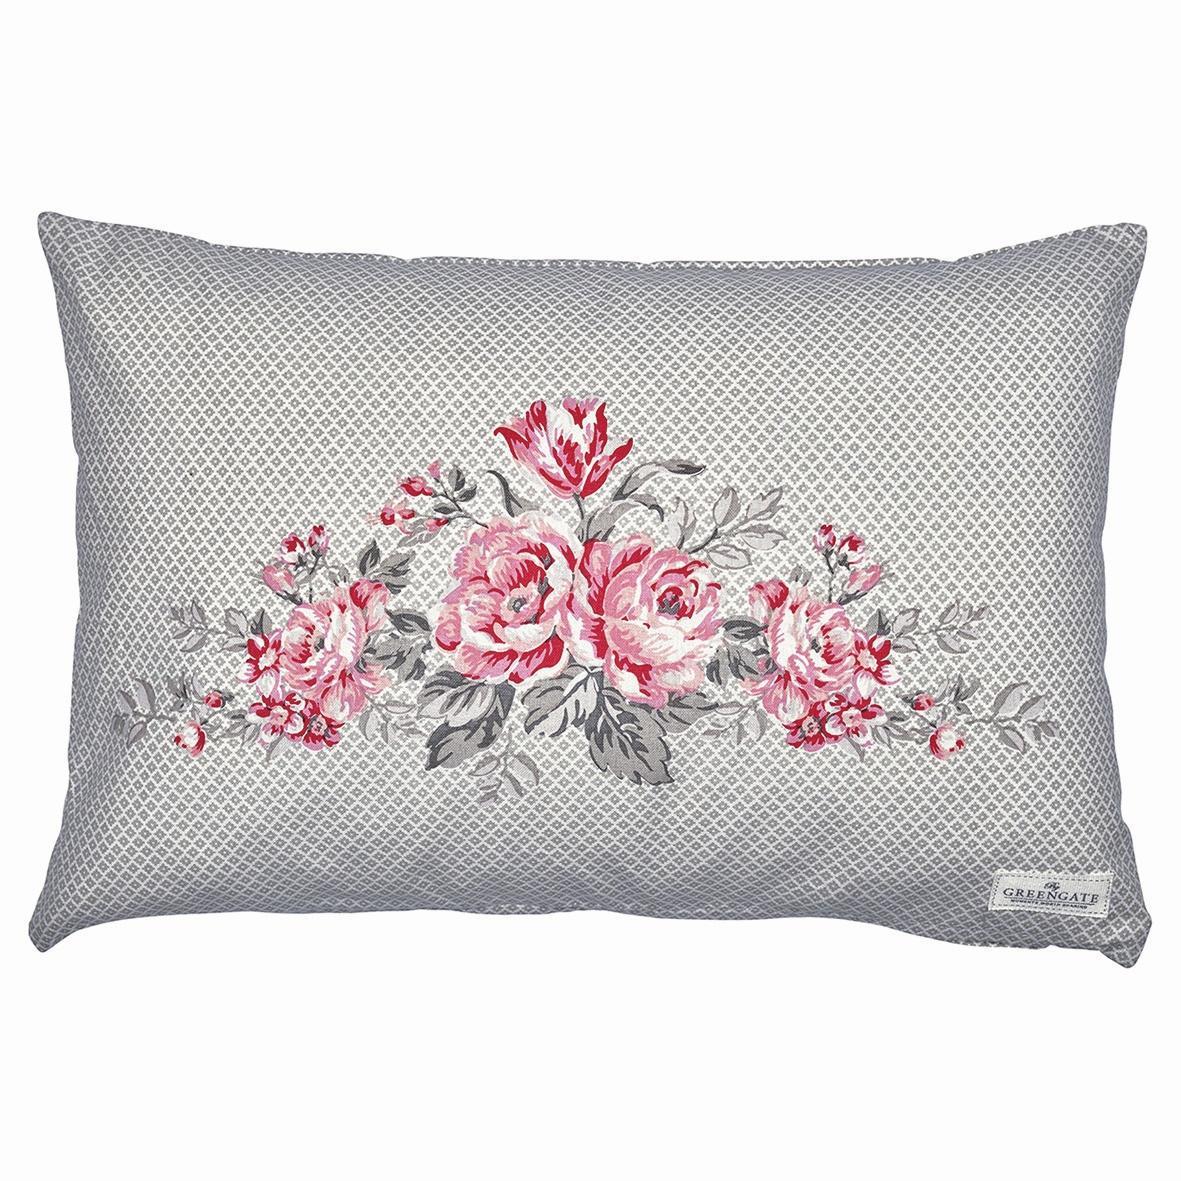 Green Gate Povlak na polštář Judy warm grey 40x60, růžová barva, šedá barva, textil